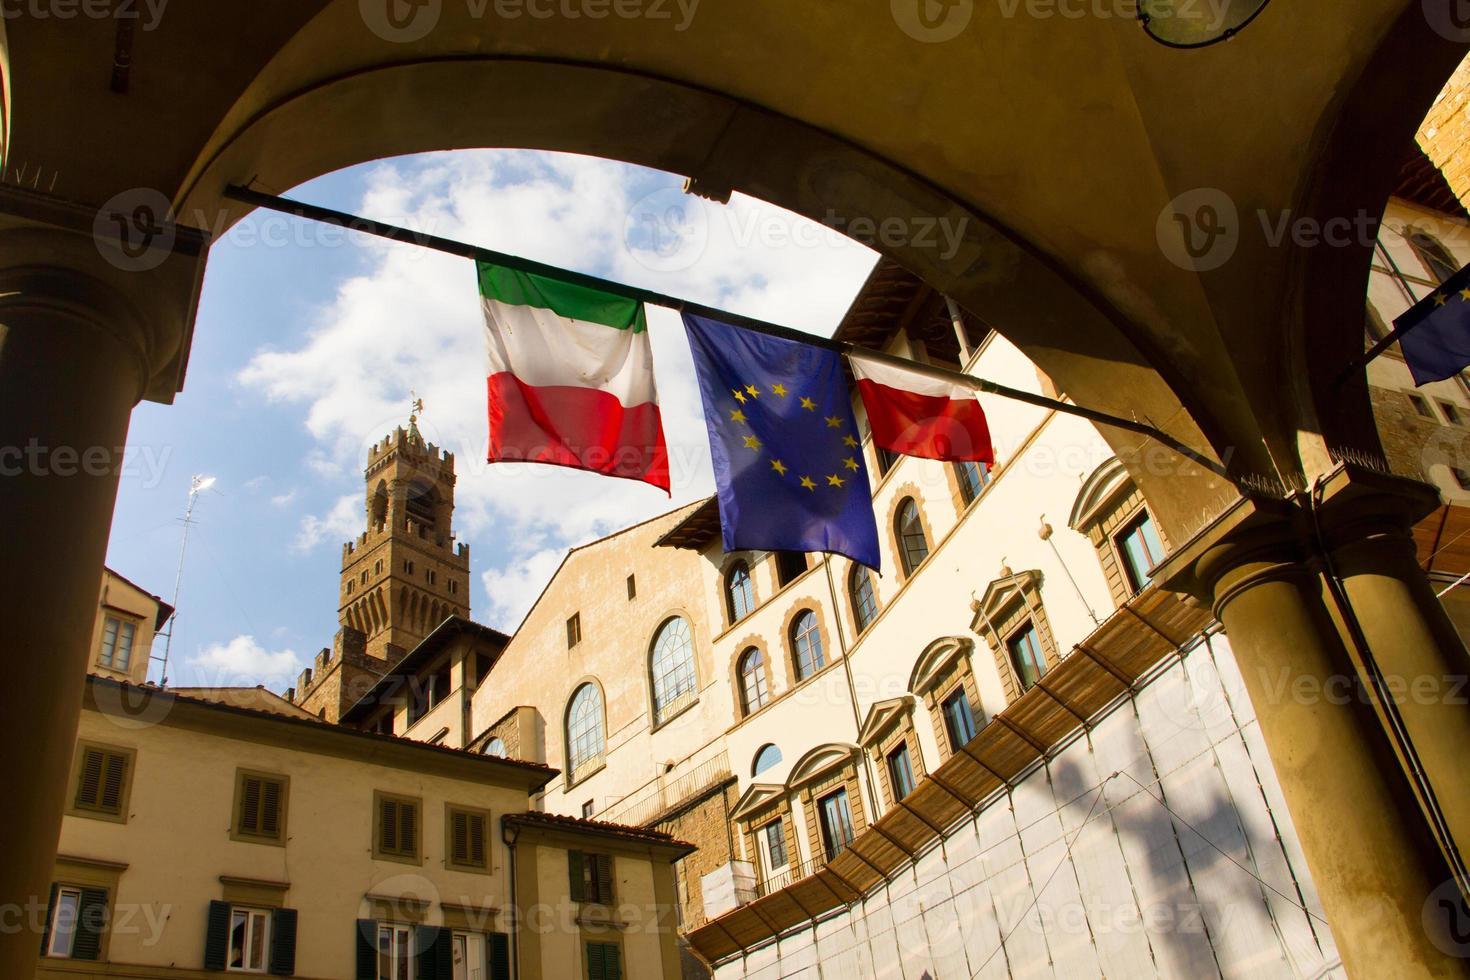 italien gatascen i Florens foto